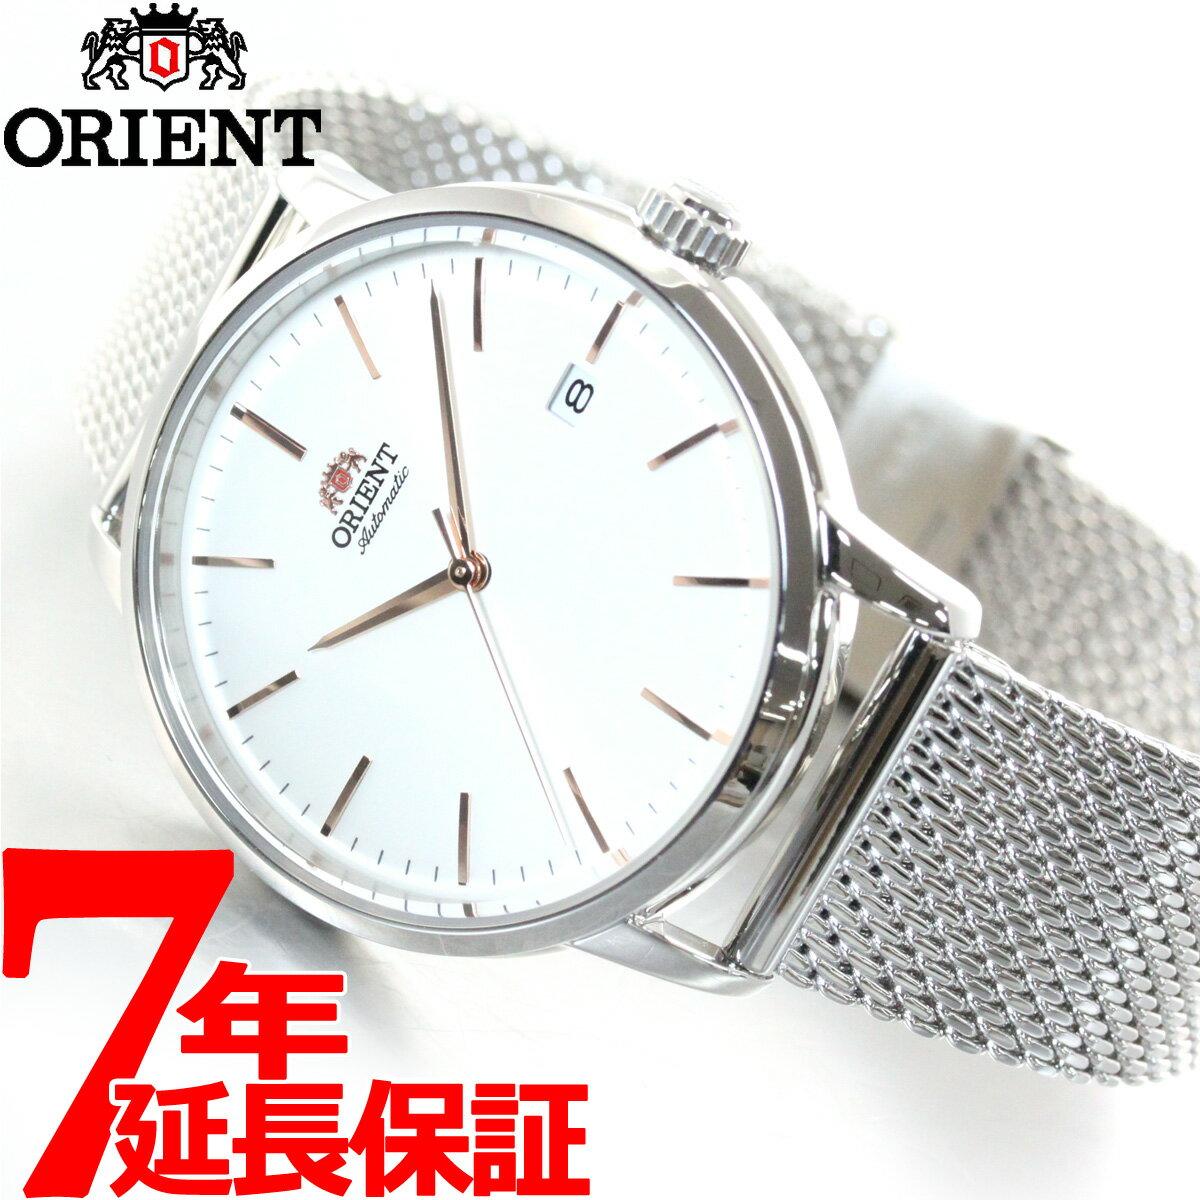 腕時計, メンズ腕時計 35.5 ORIENT CONTEMPORARY RN-AC0E07S